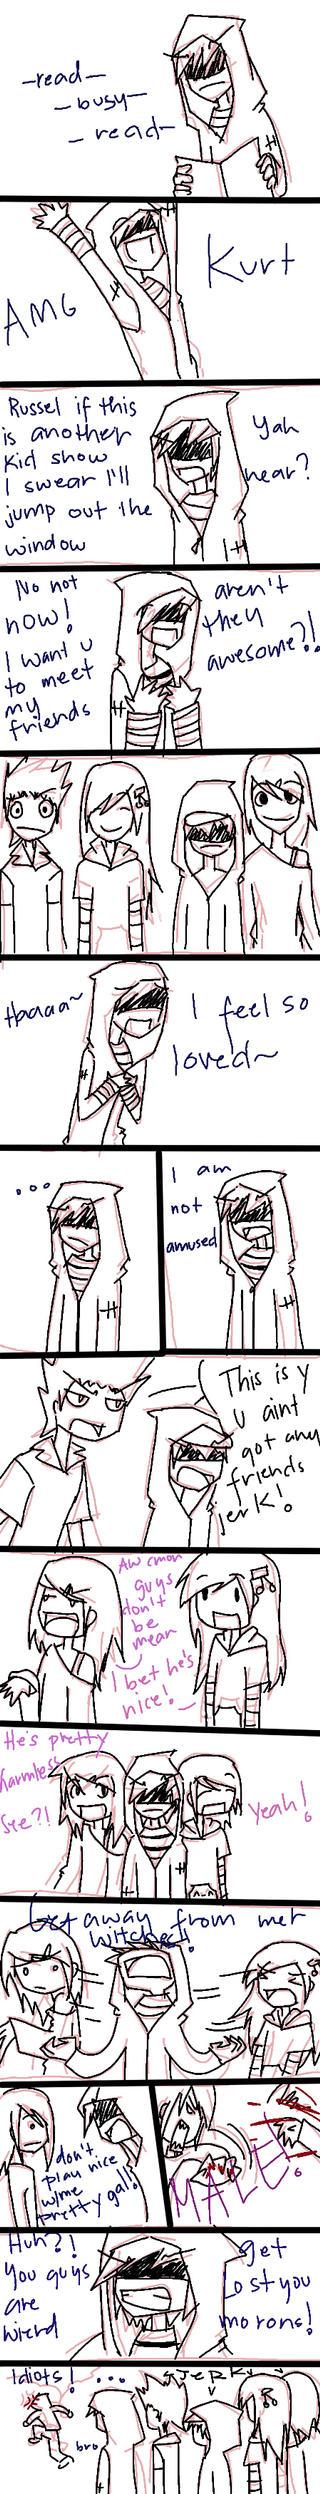 Kurt's a jerk by artisticApparition